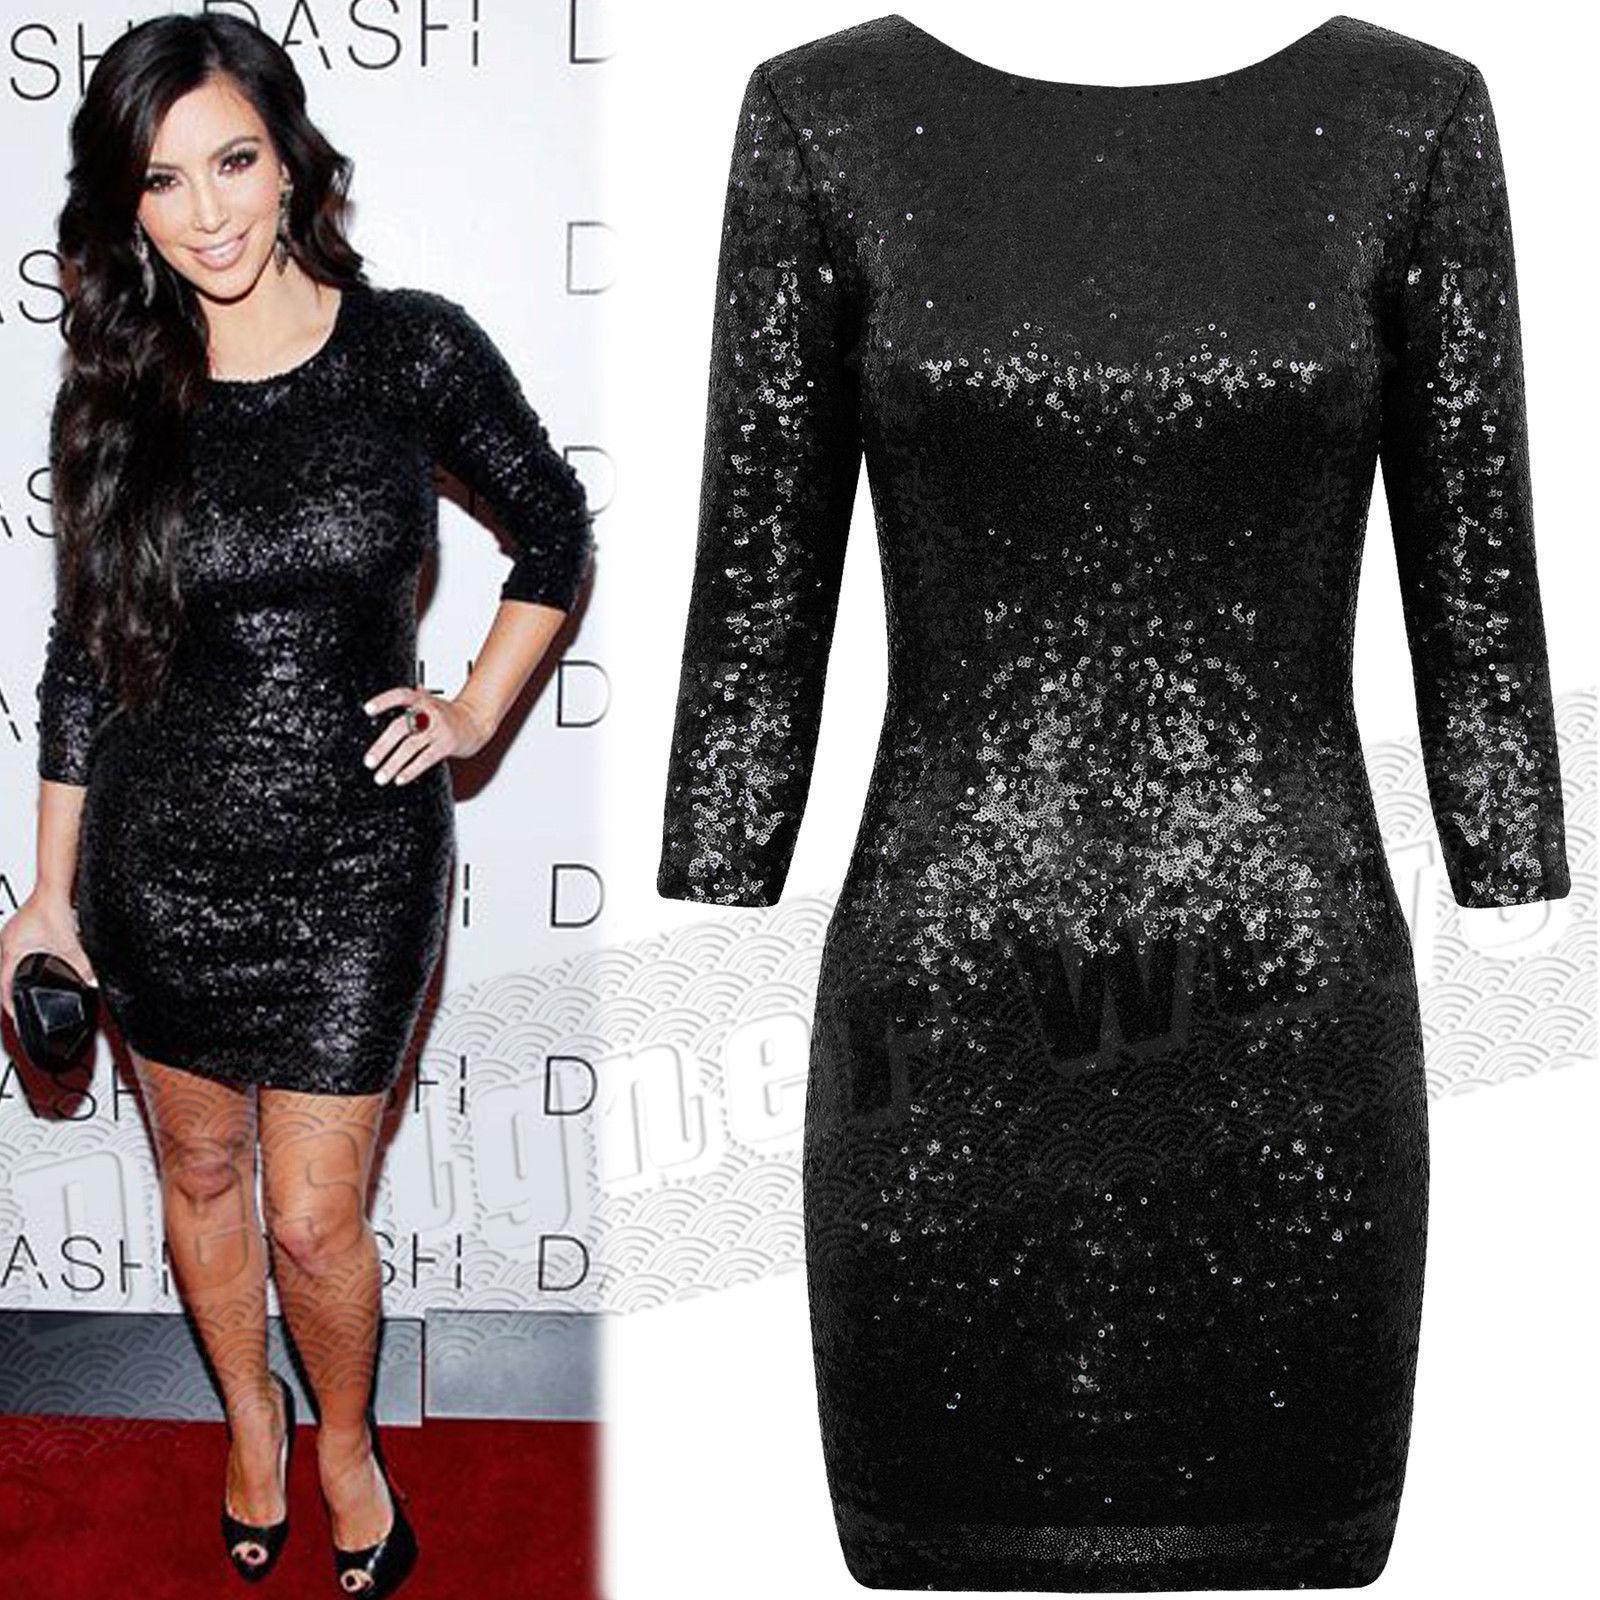 Großhandel Celeb Art Kim Kardashian Glänzendes Pailletten Kleid, S ...